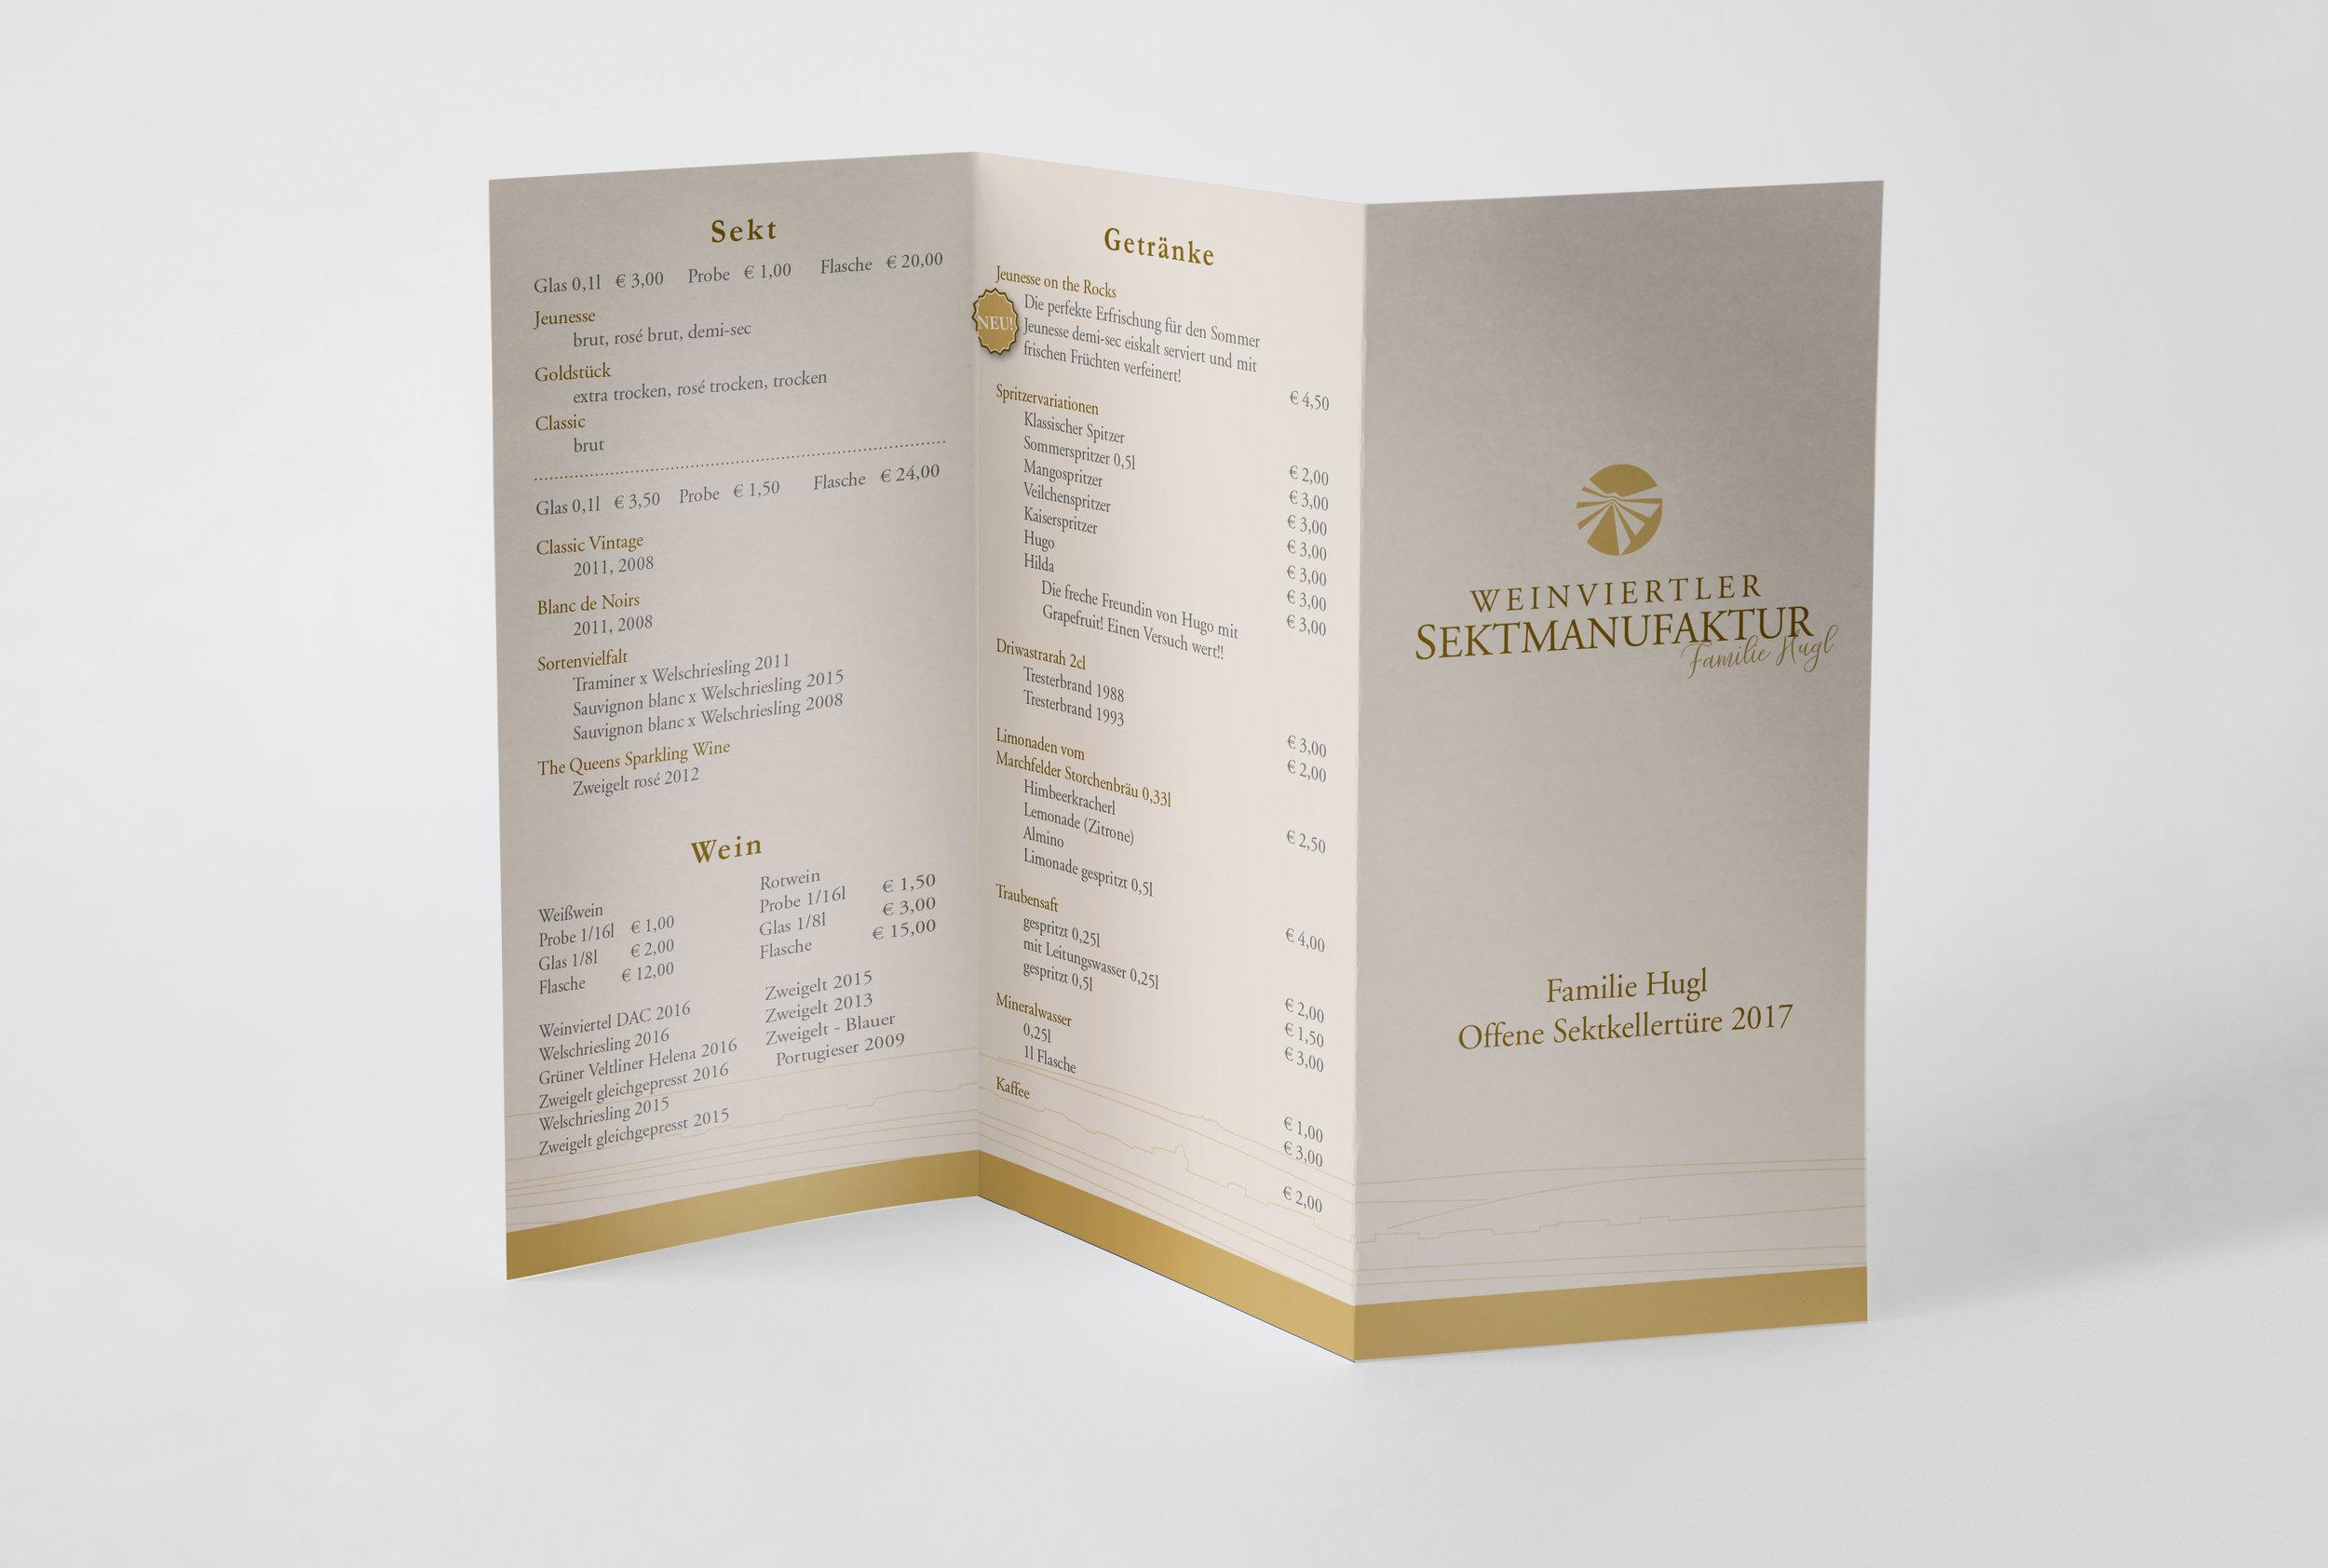 Drucksorten I Weinviertler Sektmanufaktur